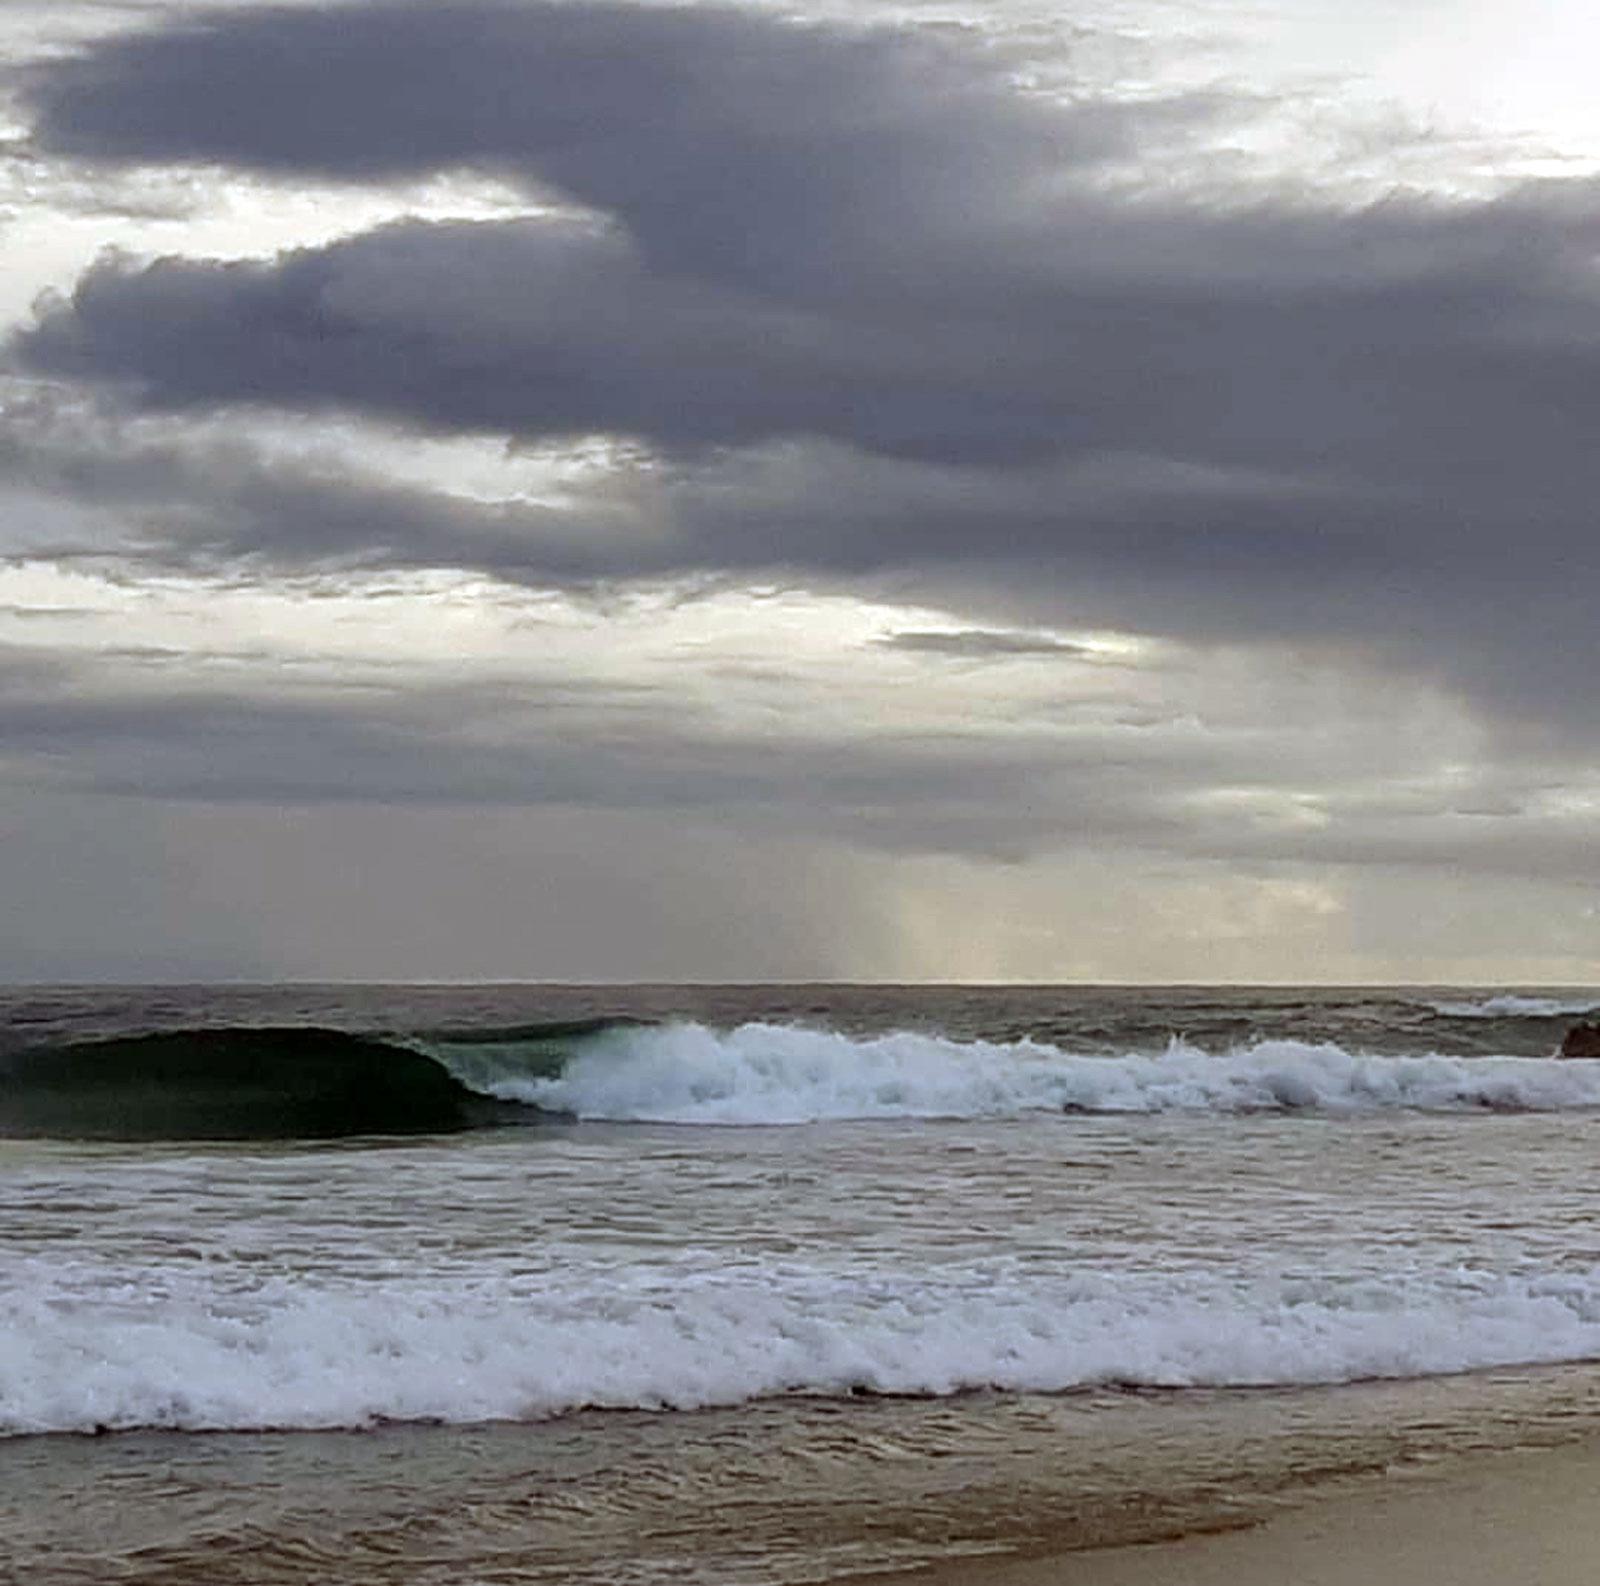 Salina Cruz, Oaxaca, Mexico, October 2018 Las Palmeras Surf Camp